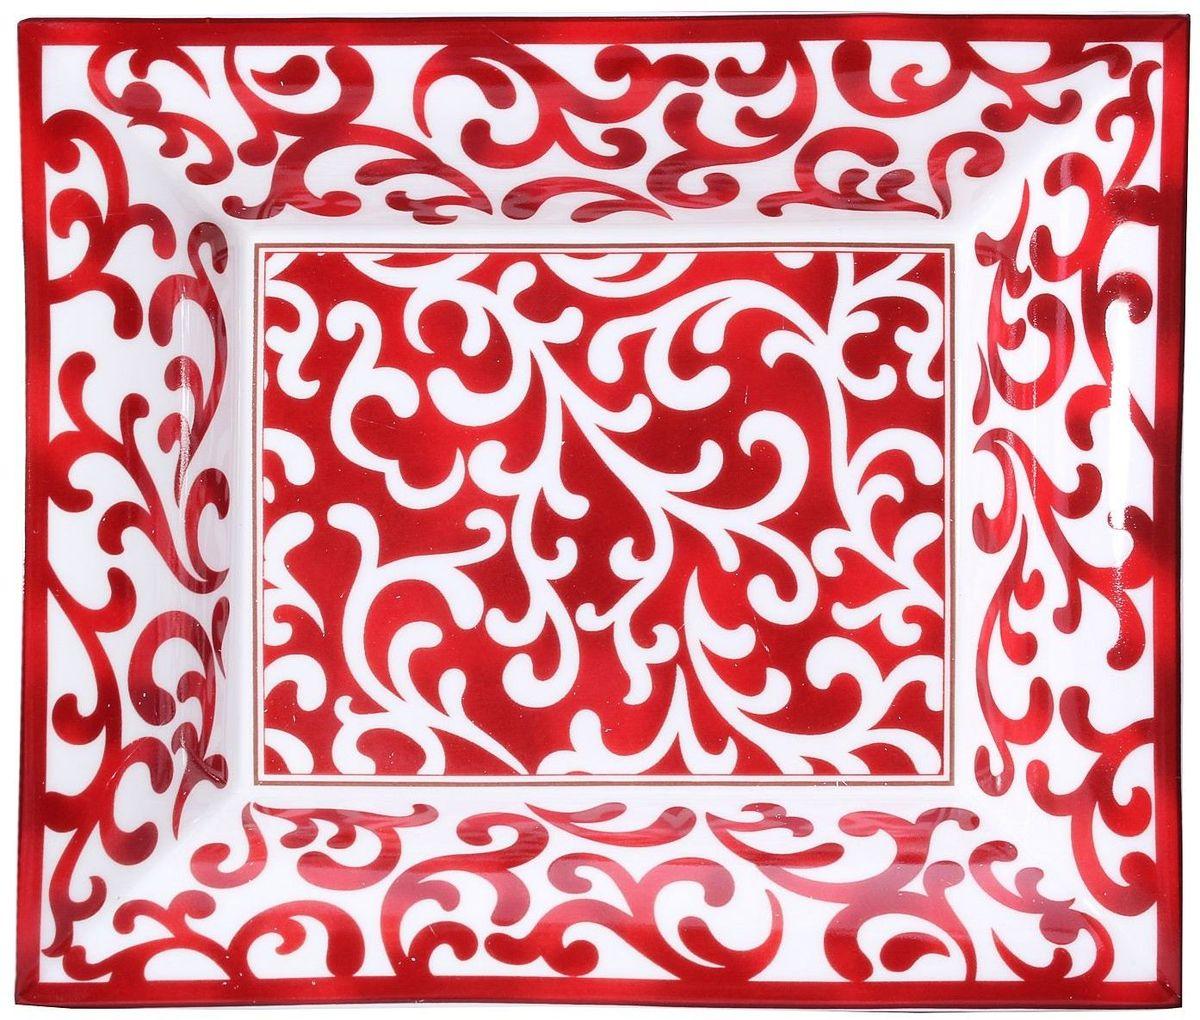 Чаша Lamart Узоры, 15,5 х 18,5 х 3,5 см133185Вместе с оригинальной чашей ручной работы Узоры известной итальянской фабрики Lamart ваш стол расцветет новыми яркими и жизнерадостными красками. Замечательная чаша, с потрясающим мастерством изготовленная из ценного костяного фарфора, станет настоящим украшением интерьера кухни или столовой и добавит даже будничному ужину новизны и неординарности. Благодаря превосходному качеству и эффектному дизайну она станет прекрасным подарком для хозяйки дома, ведь женщины знают цену таким вещам.